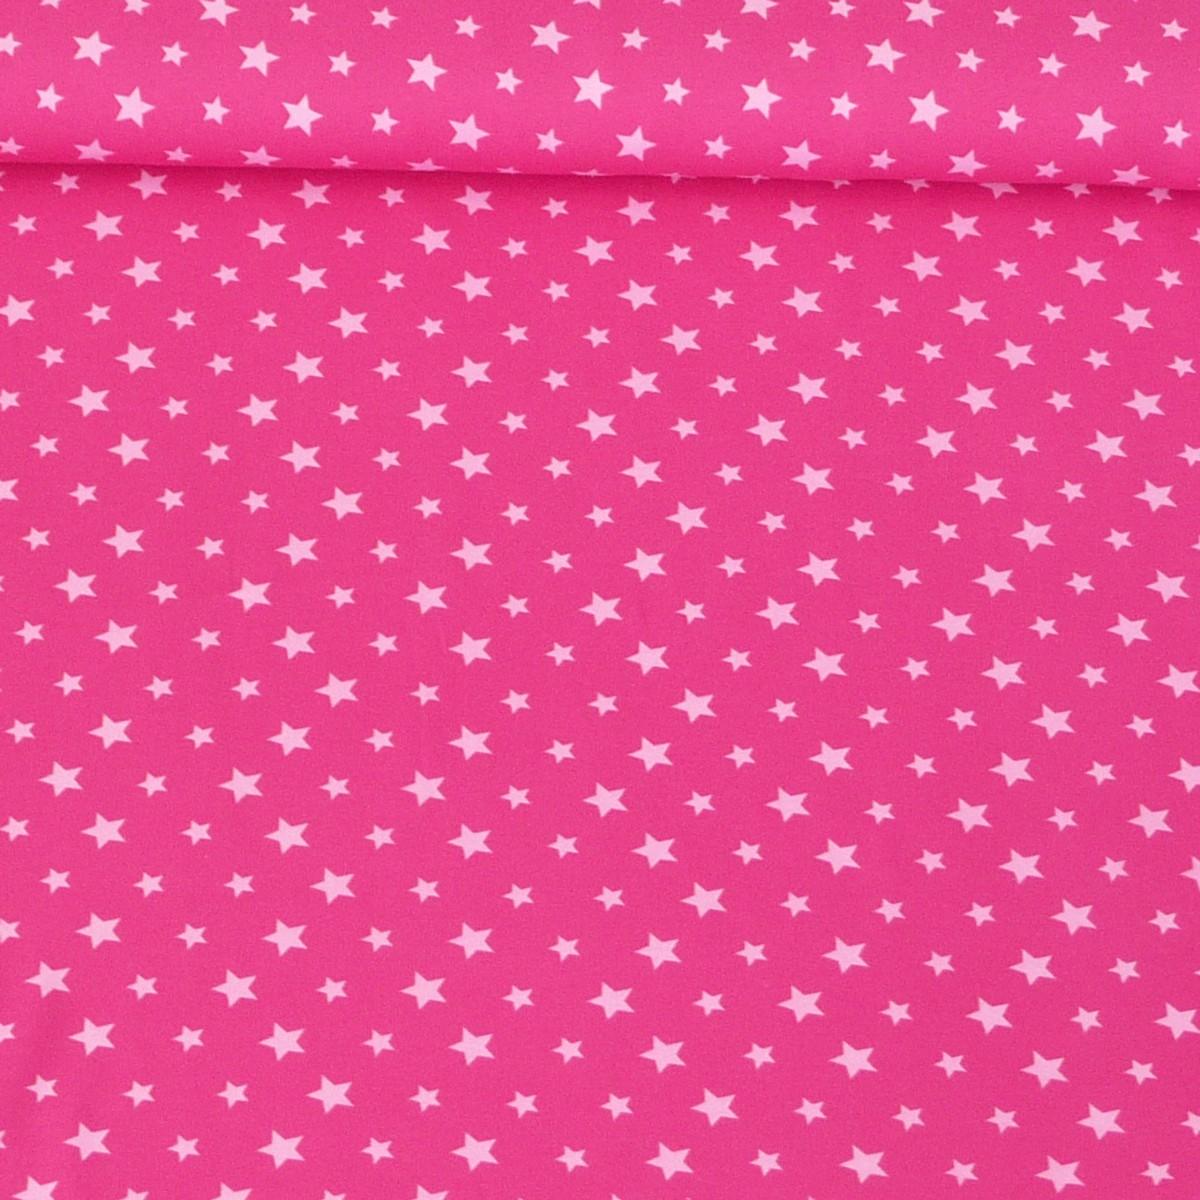 jersey stoff sterne pink rosa stoffe stoffe gemustert stoff sterne. Black Bedroom Furniture Sets. Home Design Ideas